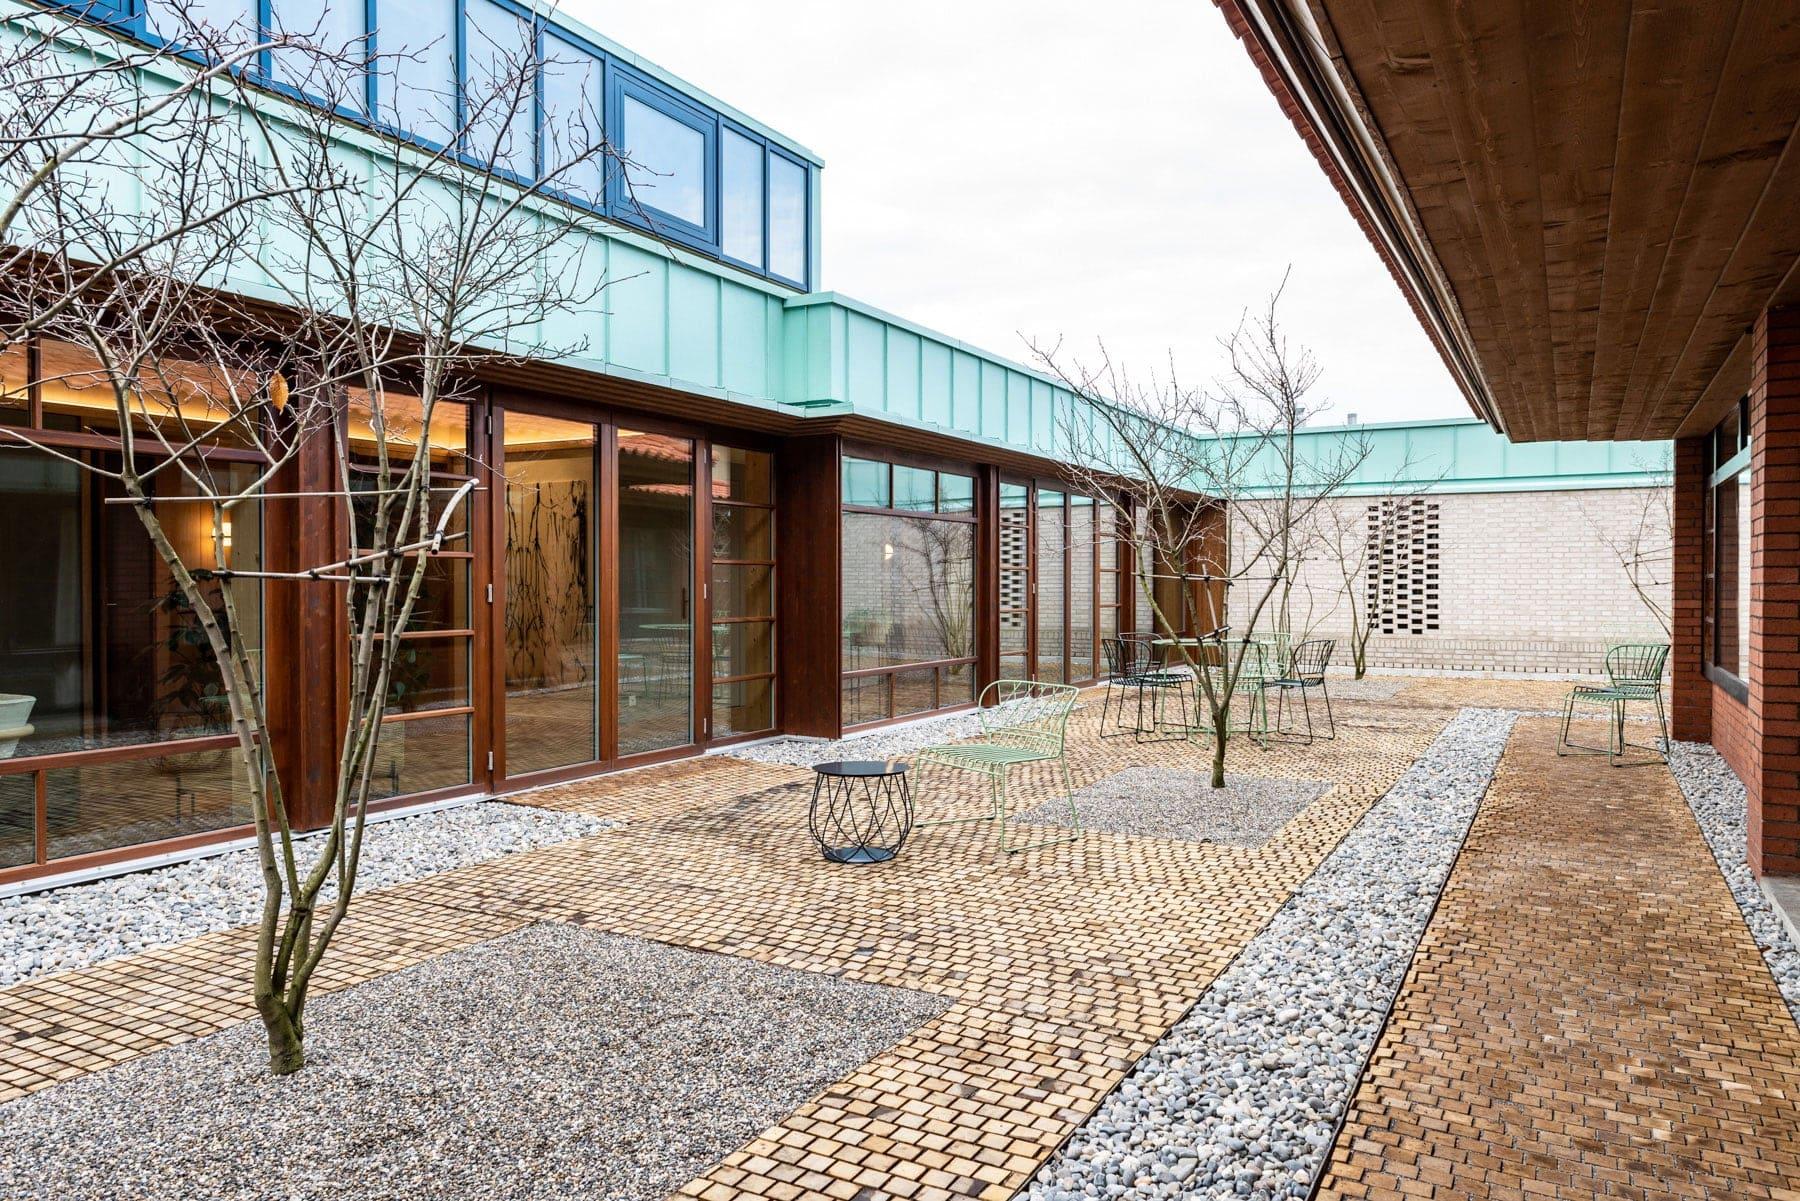 Delussu-Fotografie_Architektur_Hospiz_Zentralschweiz